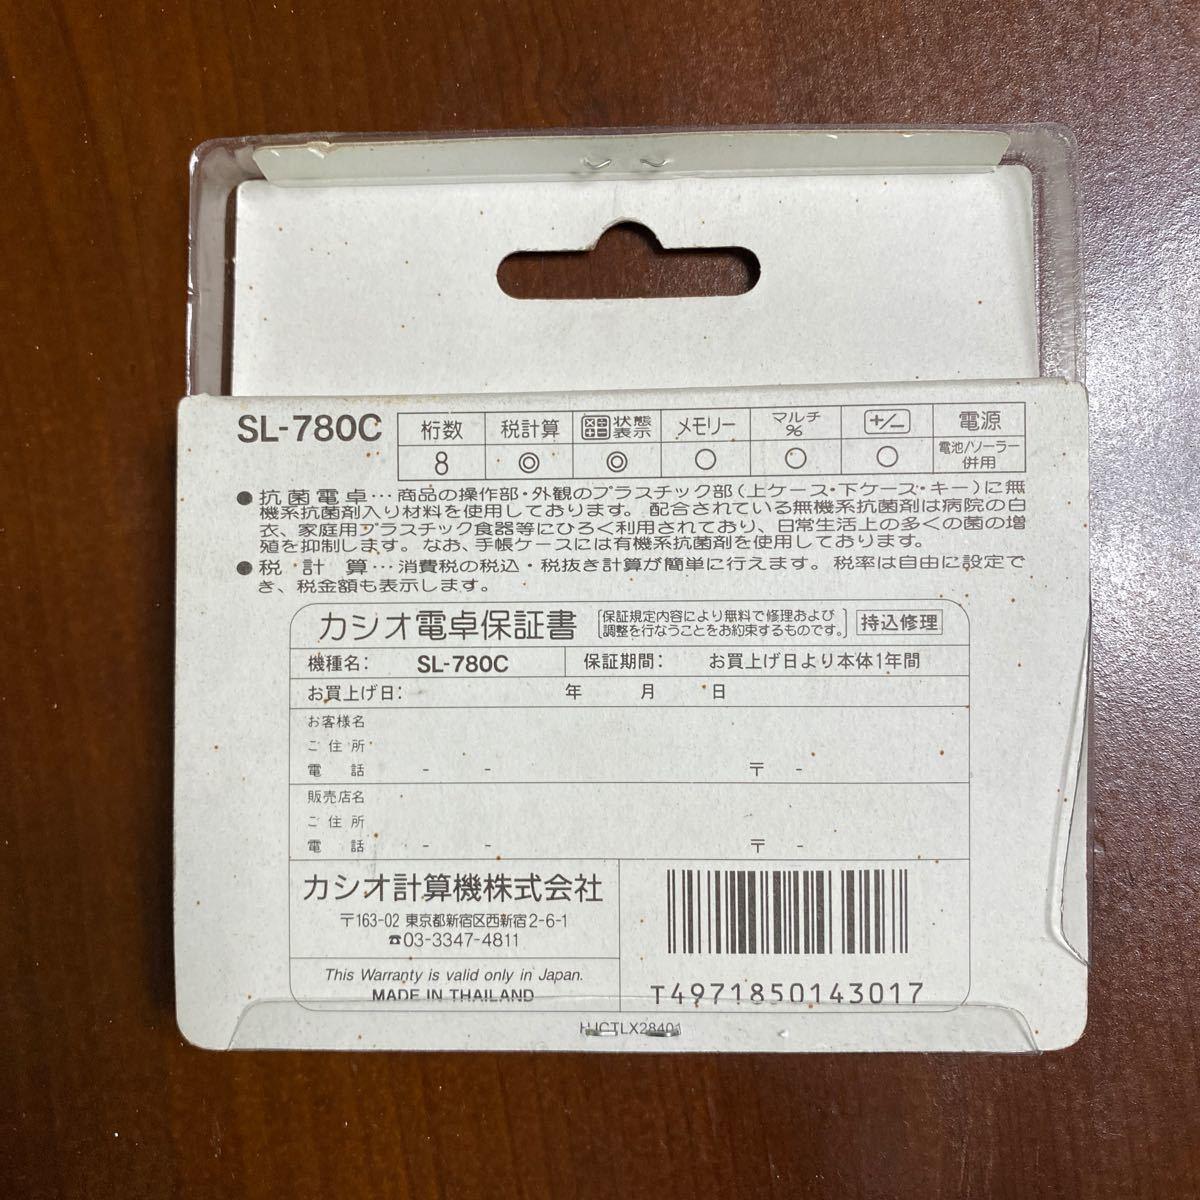 CASIO 抗菌電卓 SL-780C